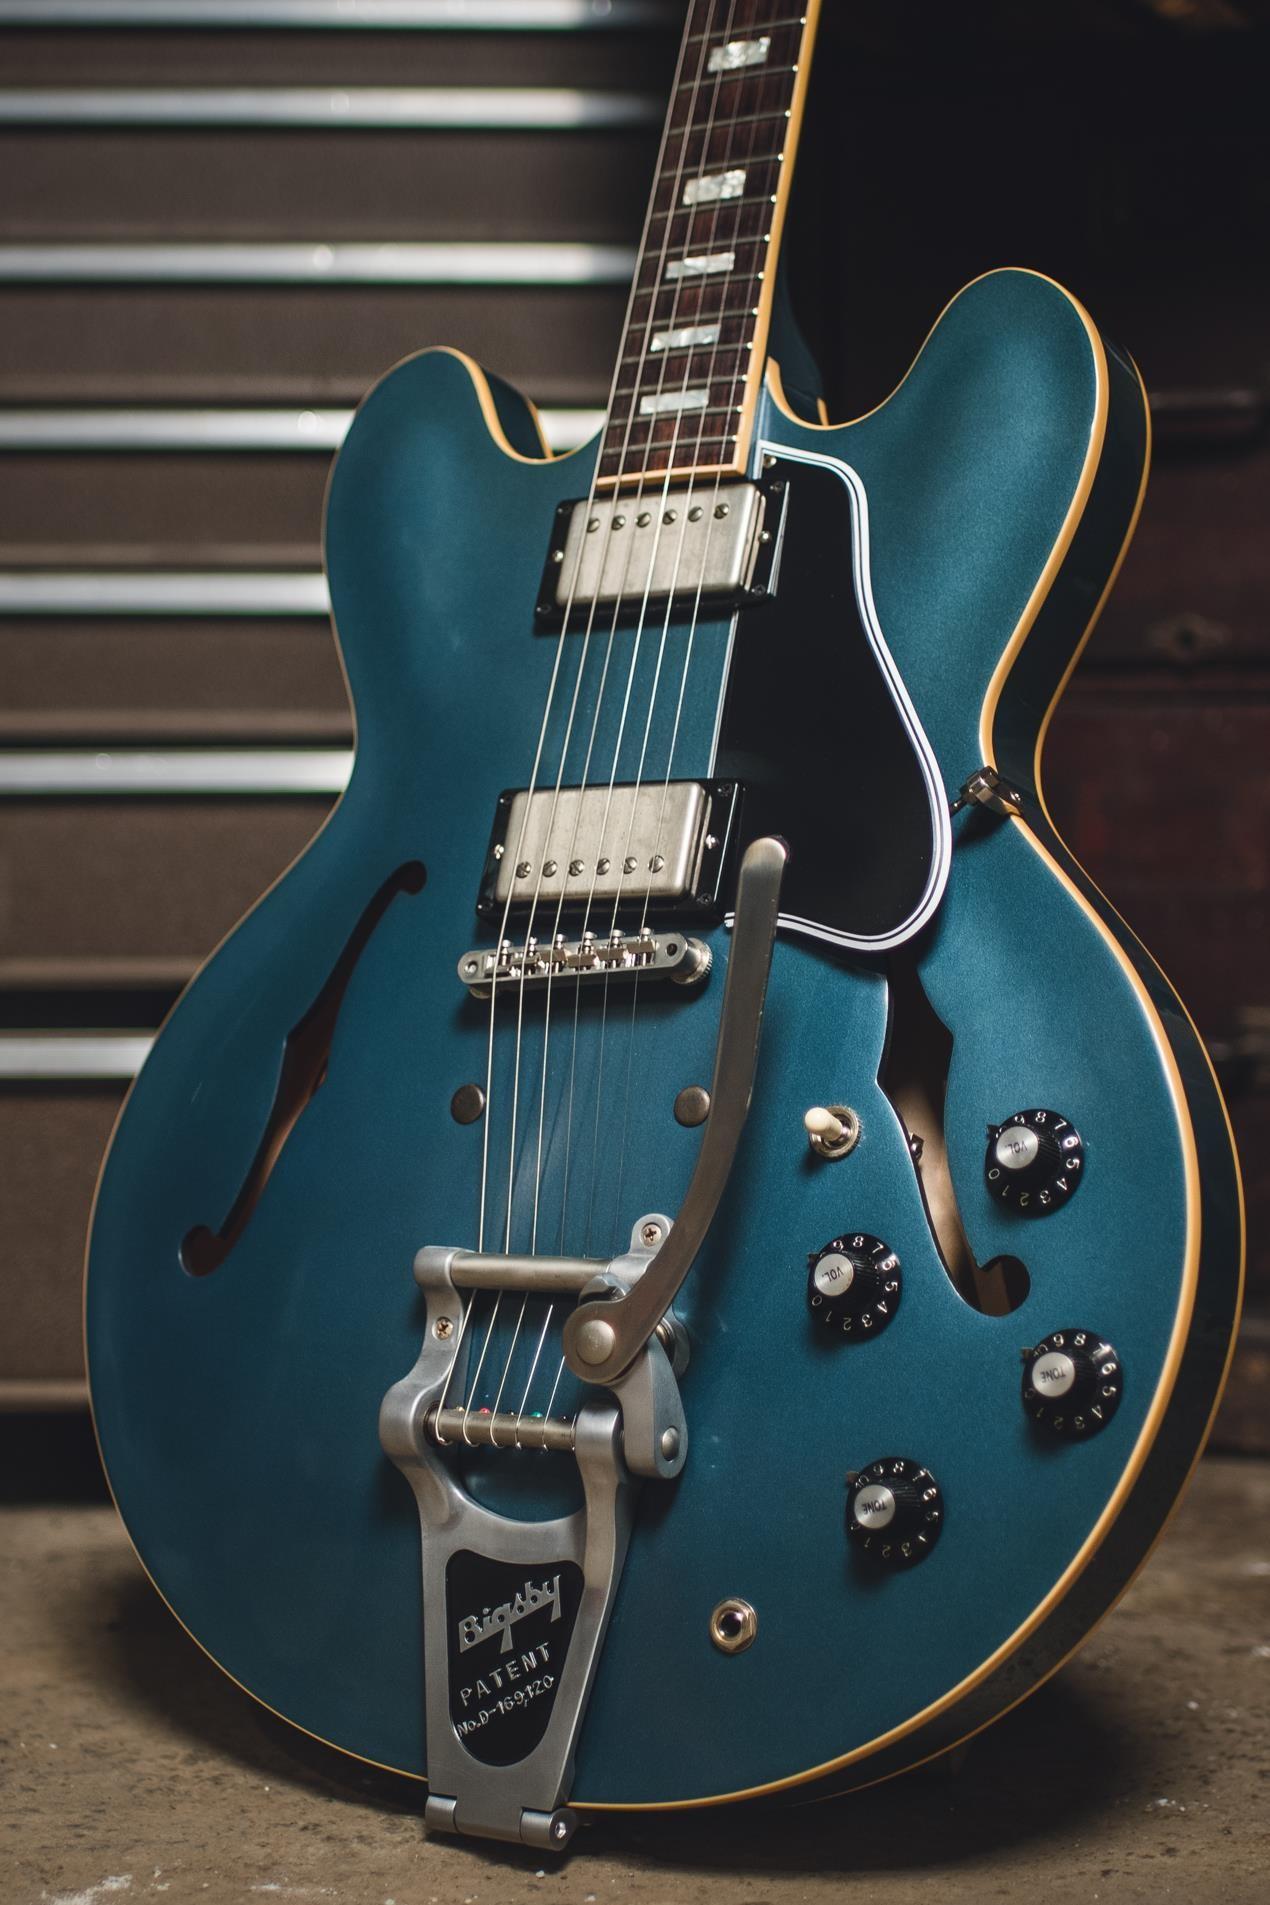 Les plus belles guitares, magnifiques, amazing, acoustiques ou électriques #electricguitars #electricguitars